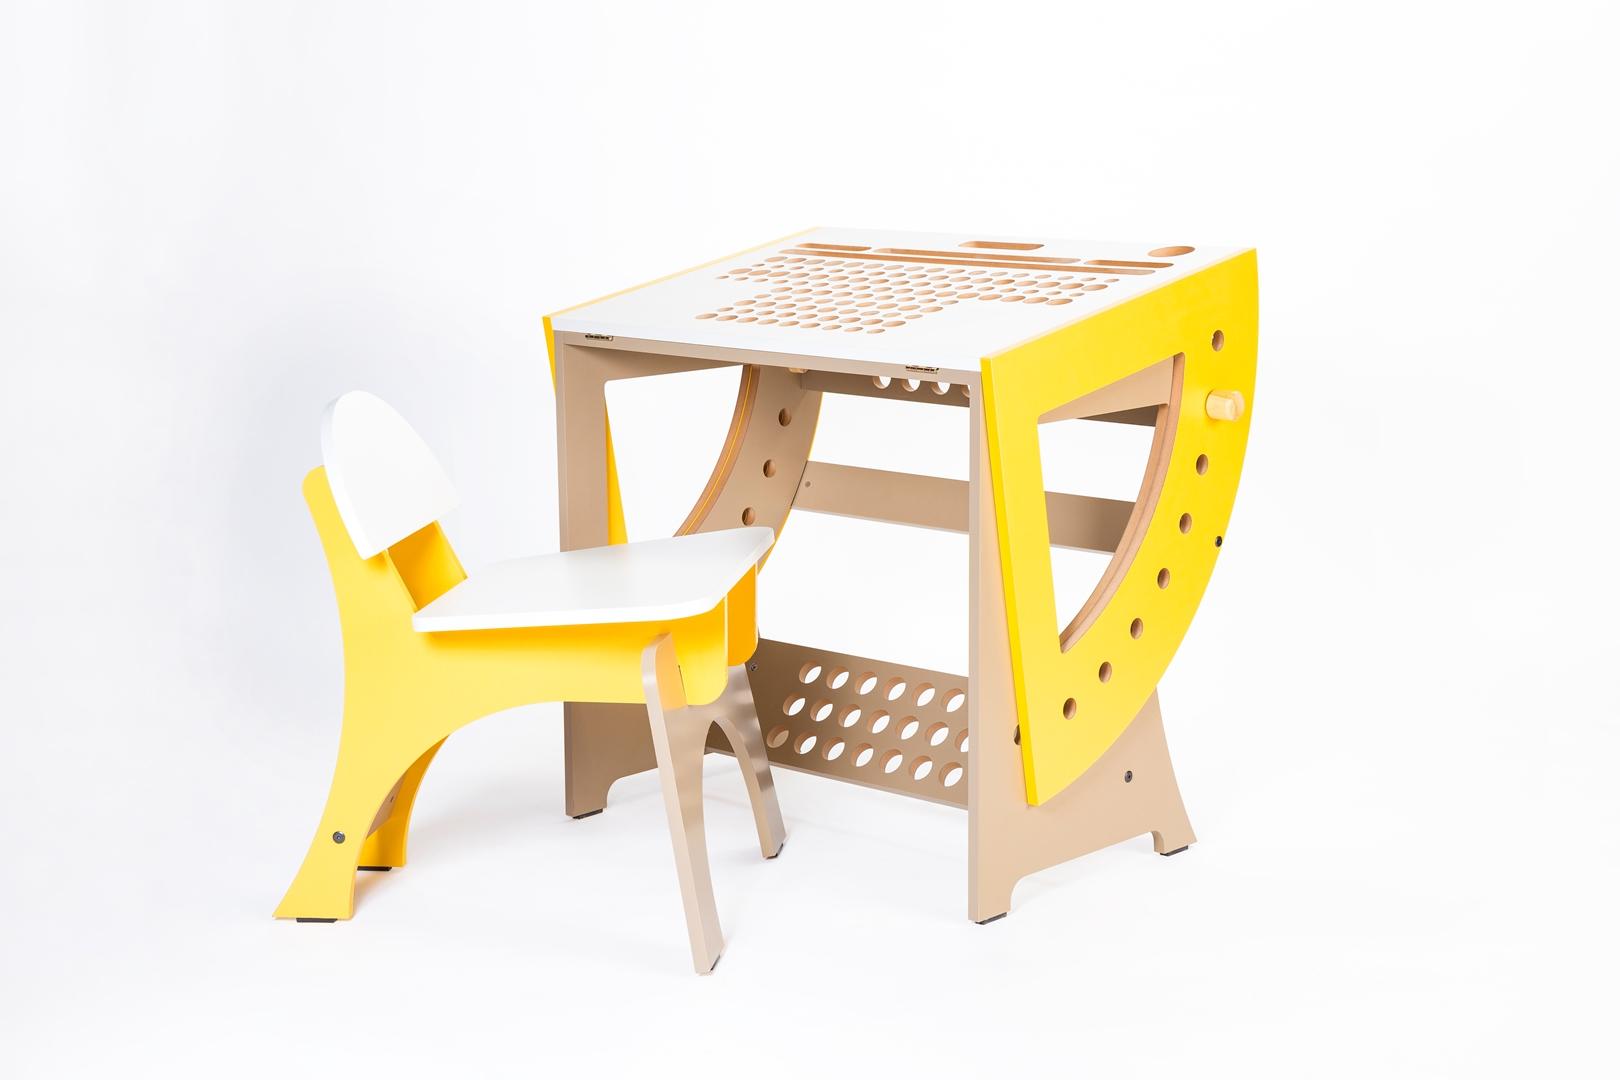 Revista Estilo Propio Arquitectura Y Dise O Arte Y Decoracion # Muebles Novedosos